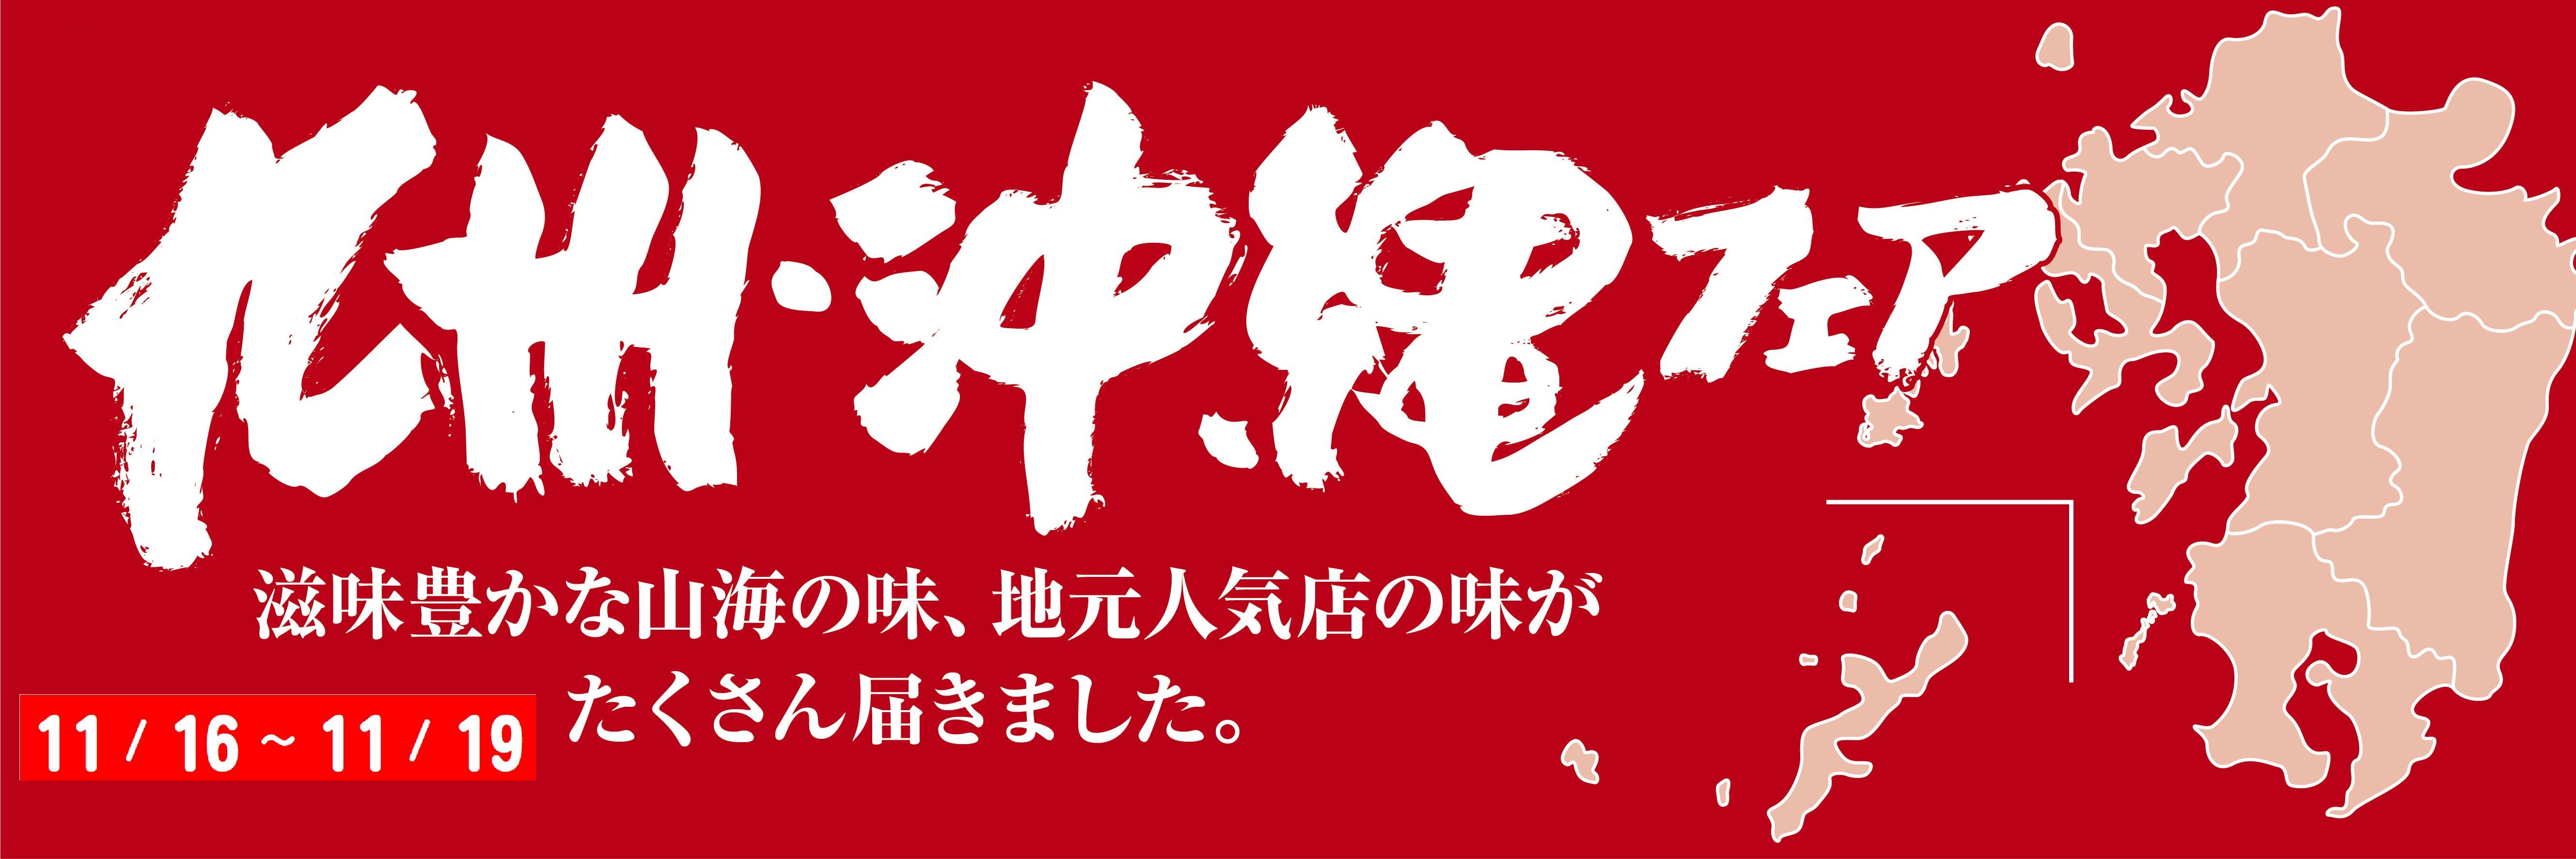 九州・沖縄フェア